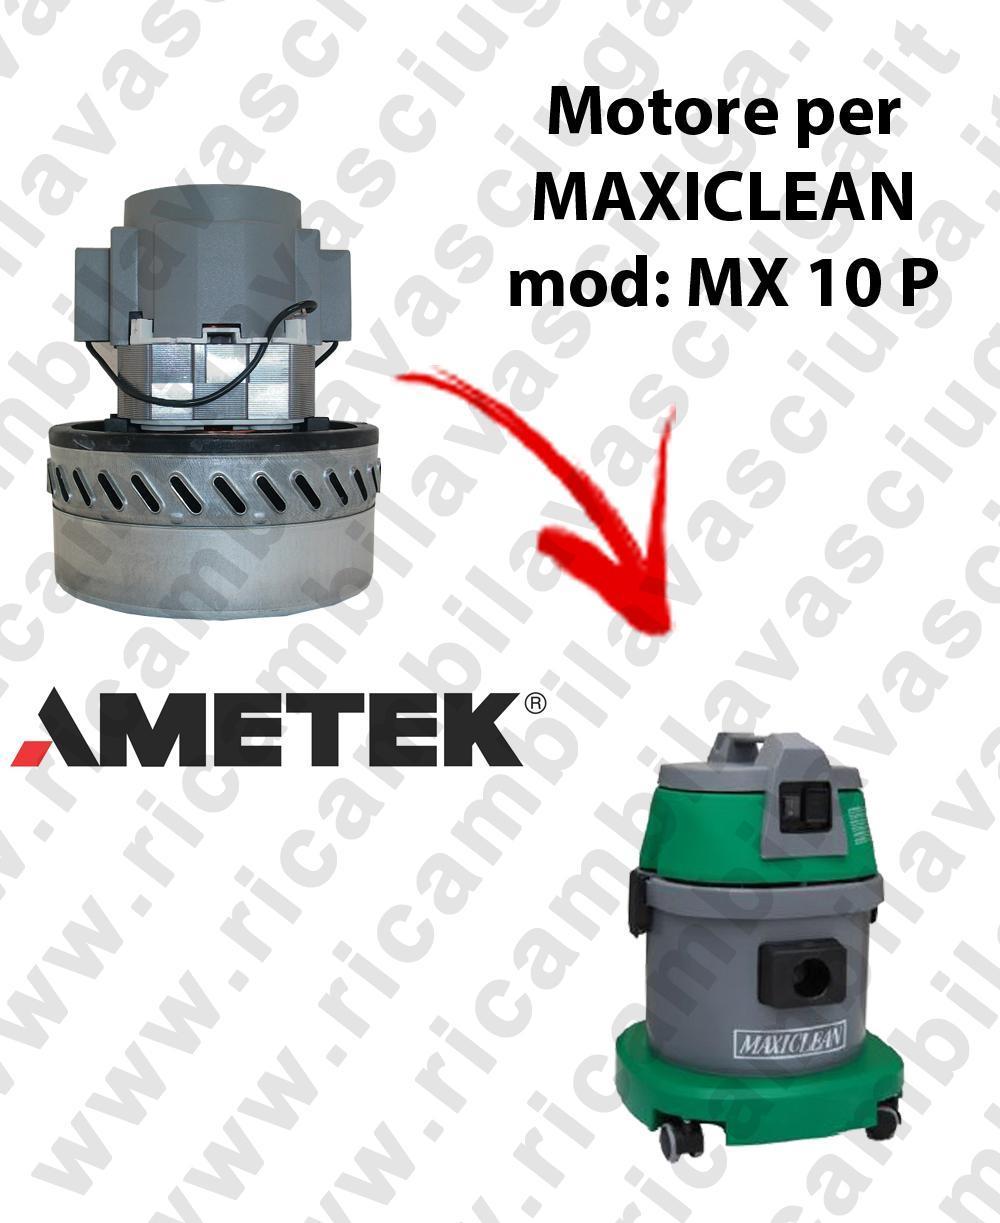 MX 10 P MOTEUR AMETEK aspiration pour aspirateur MAXICLEAN